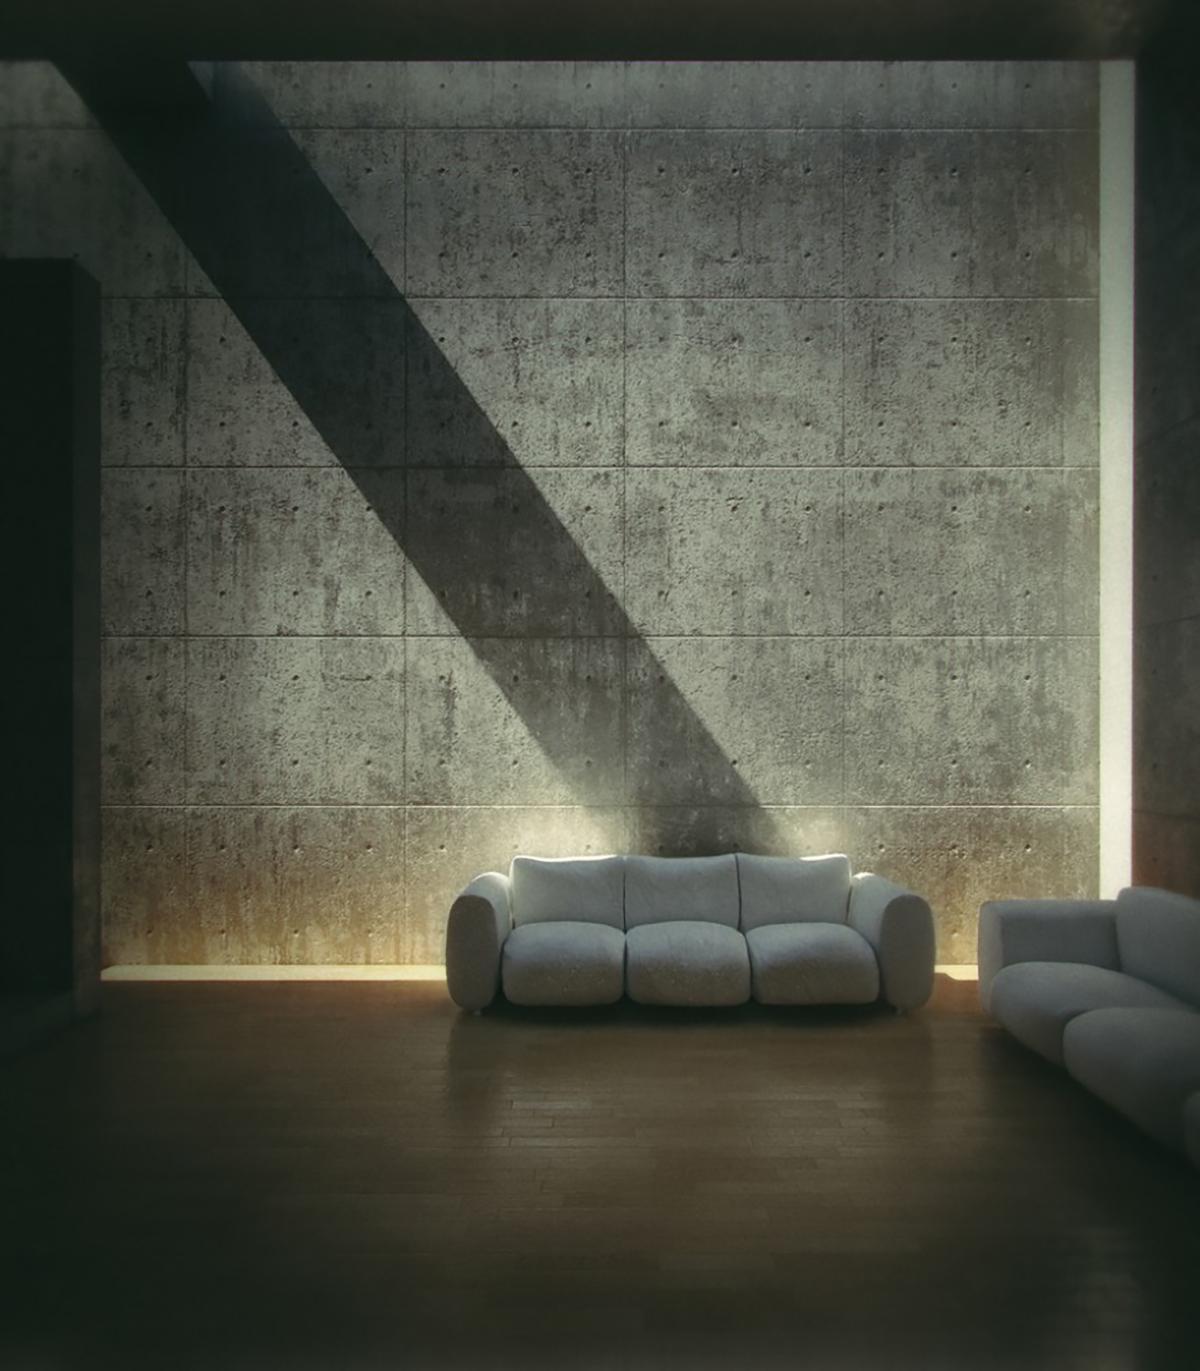 Kiến Việt - 10 không gian nội thất bất hủ trong thế kỷ 20